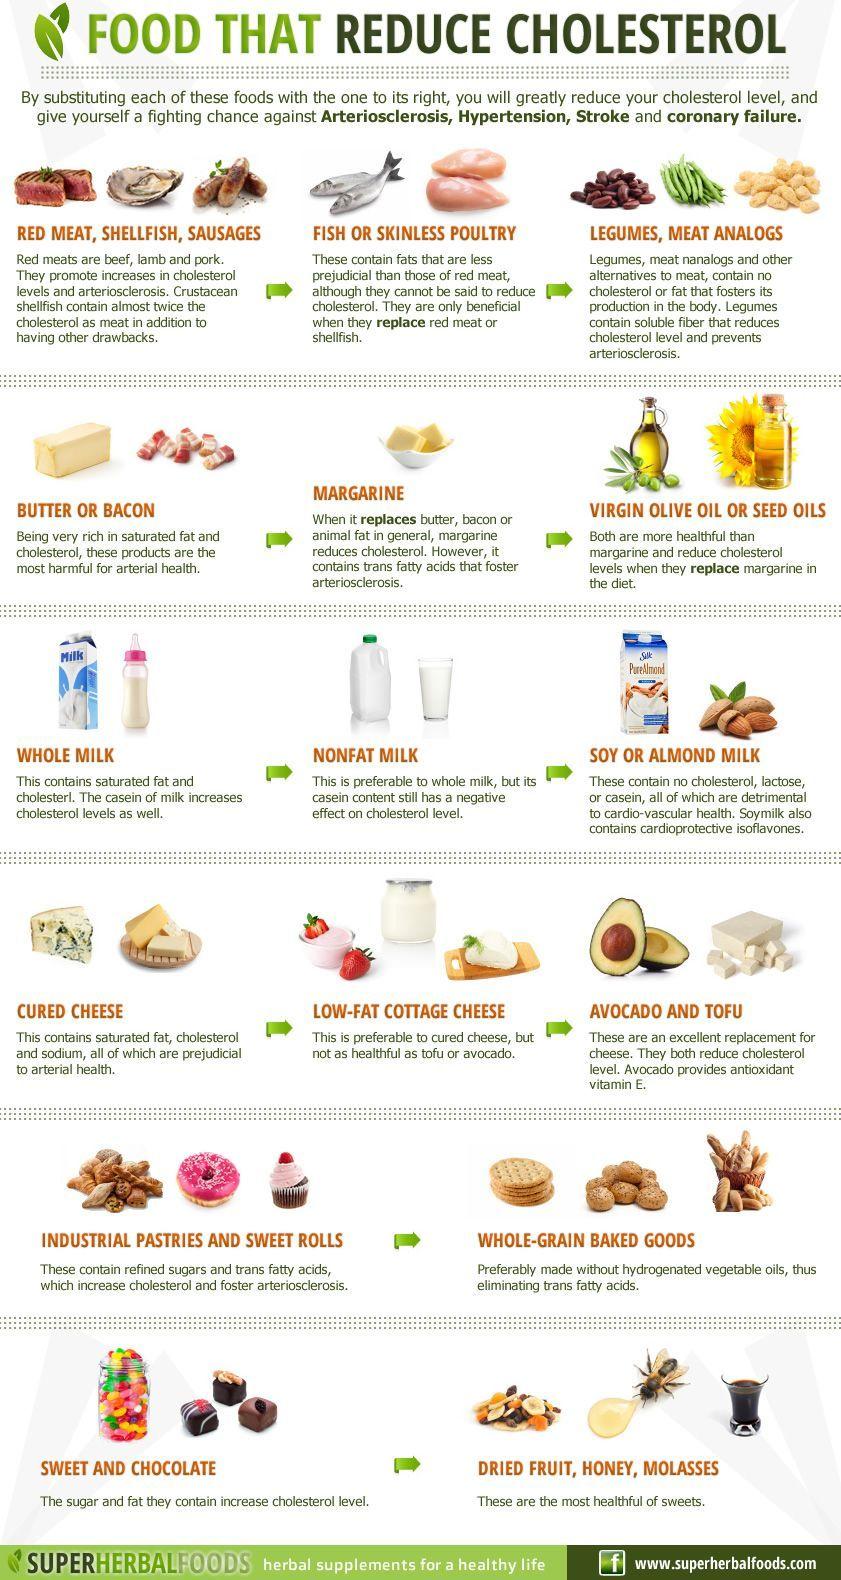 Super Herbal Foods